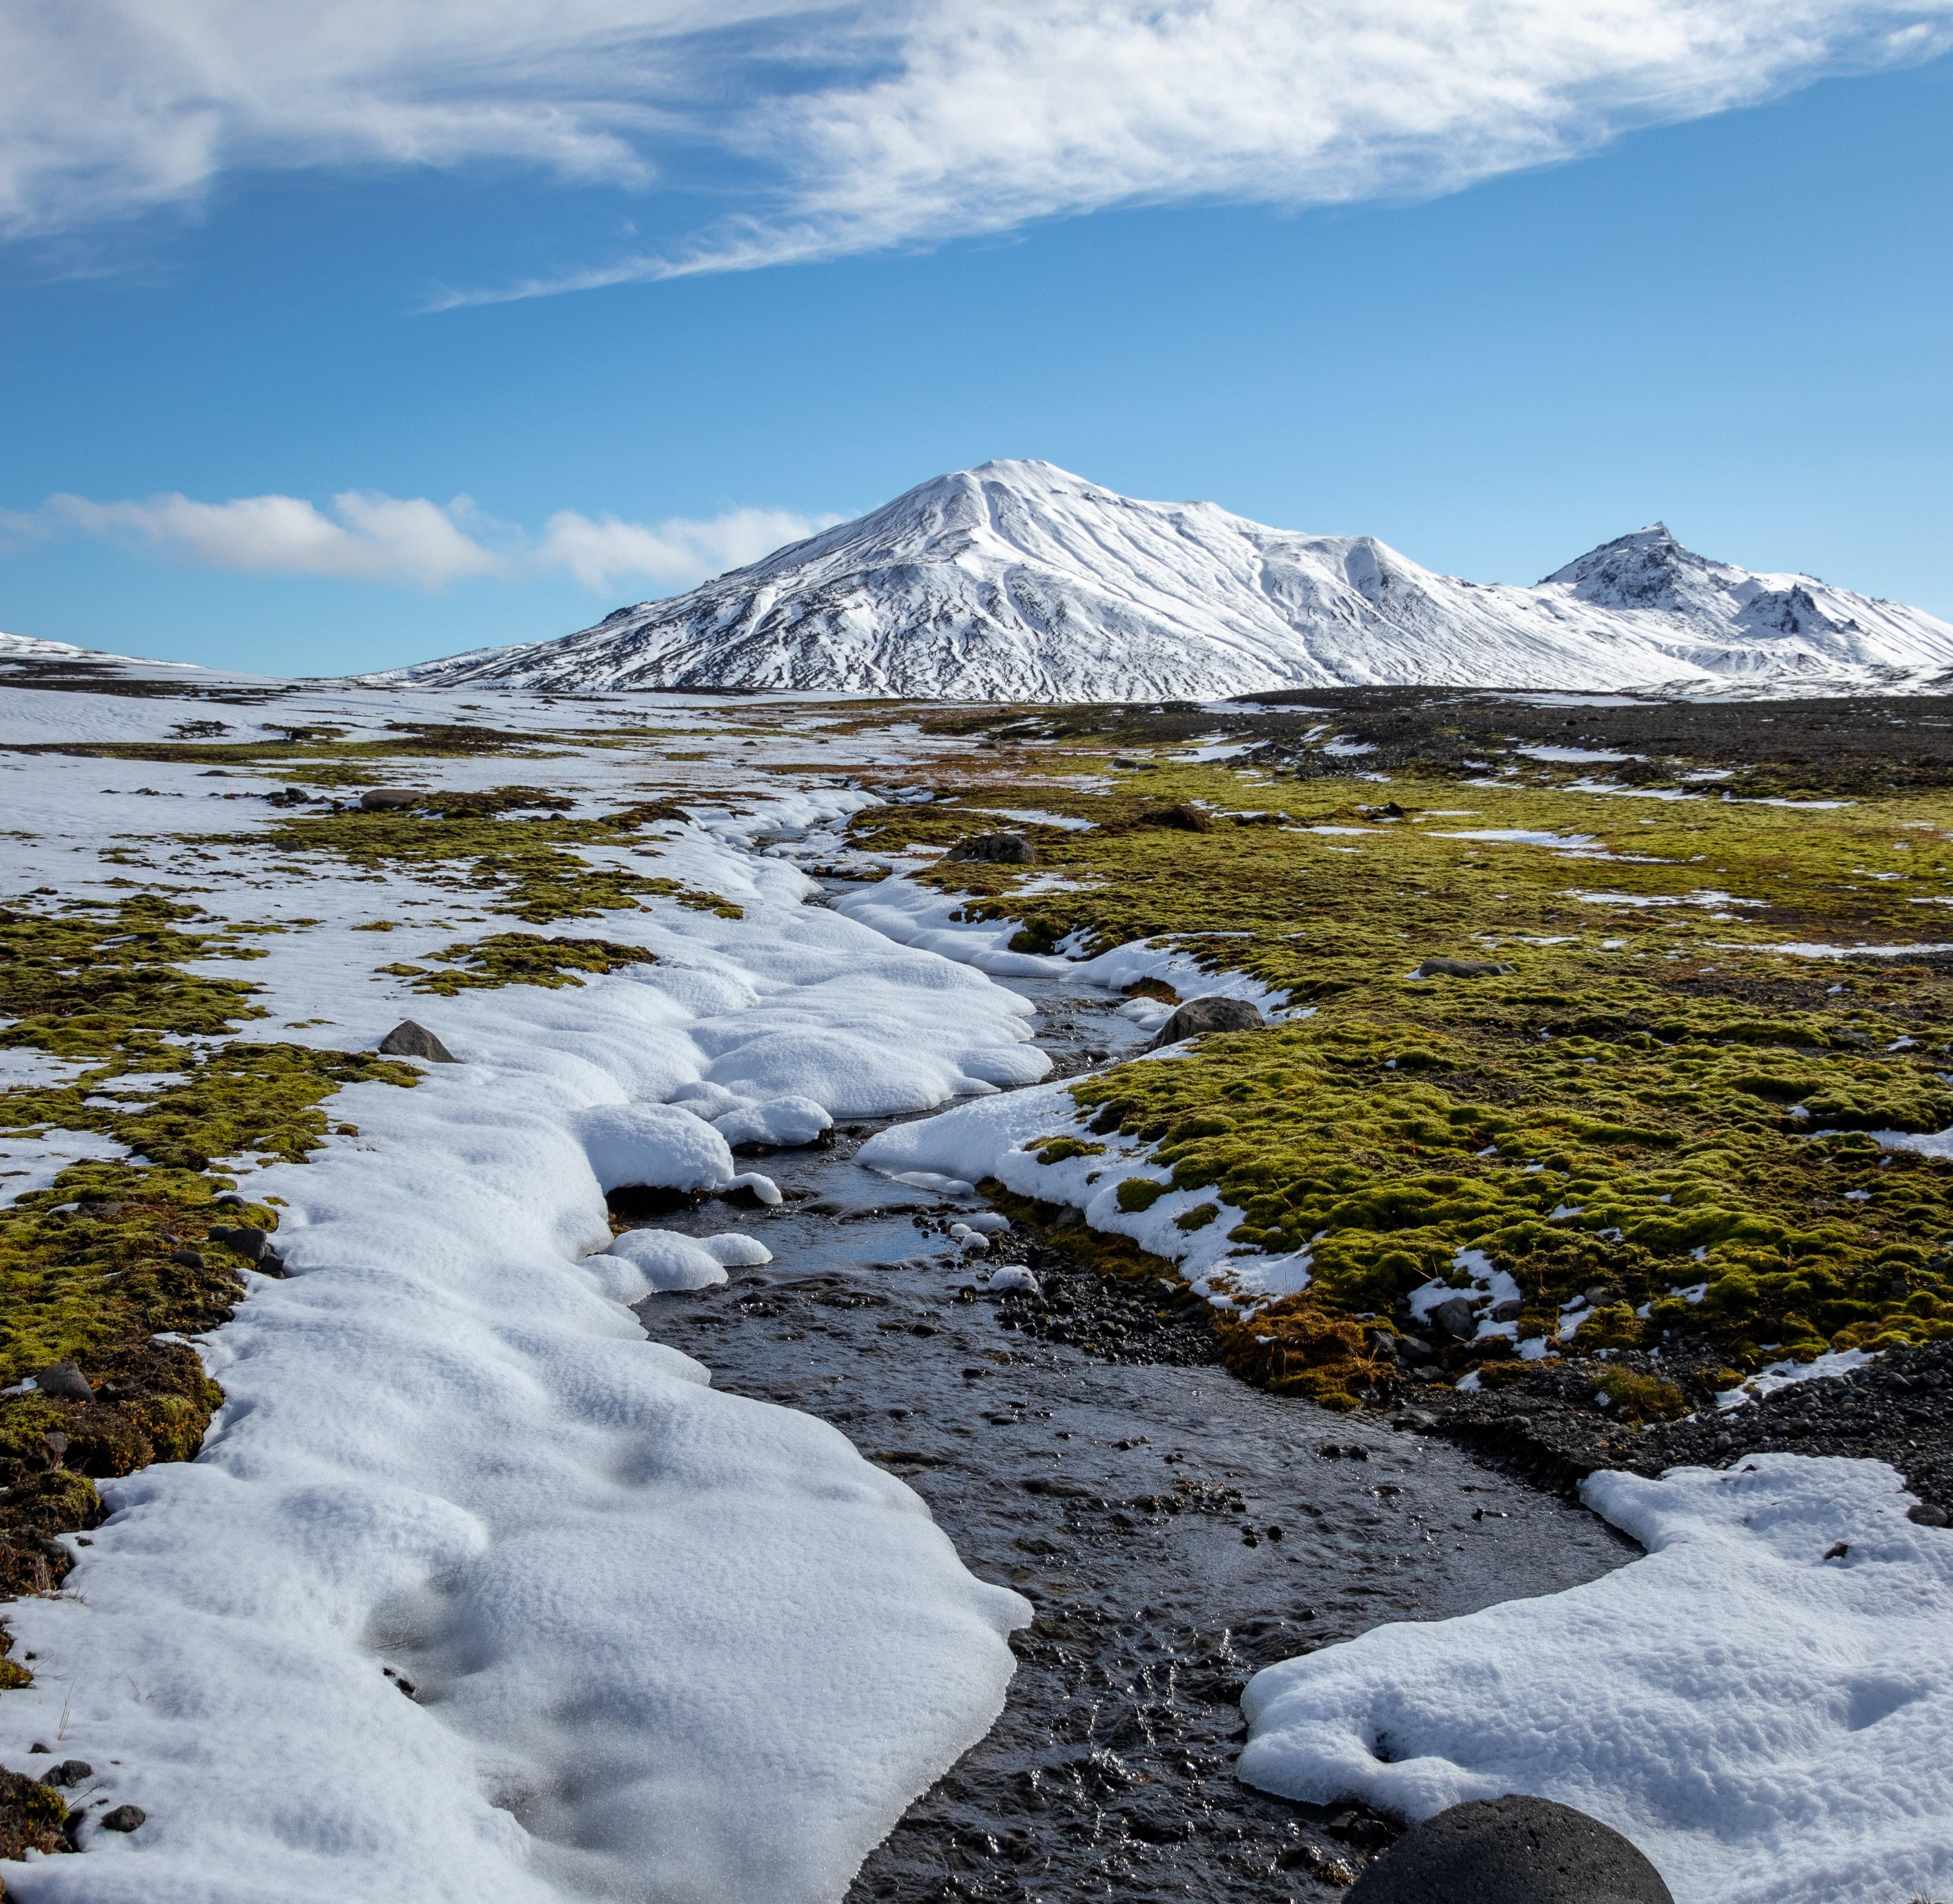 Vatnajökull National Park, Iceland, National Parks to Visit in Europe